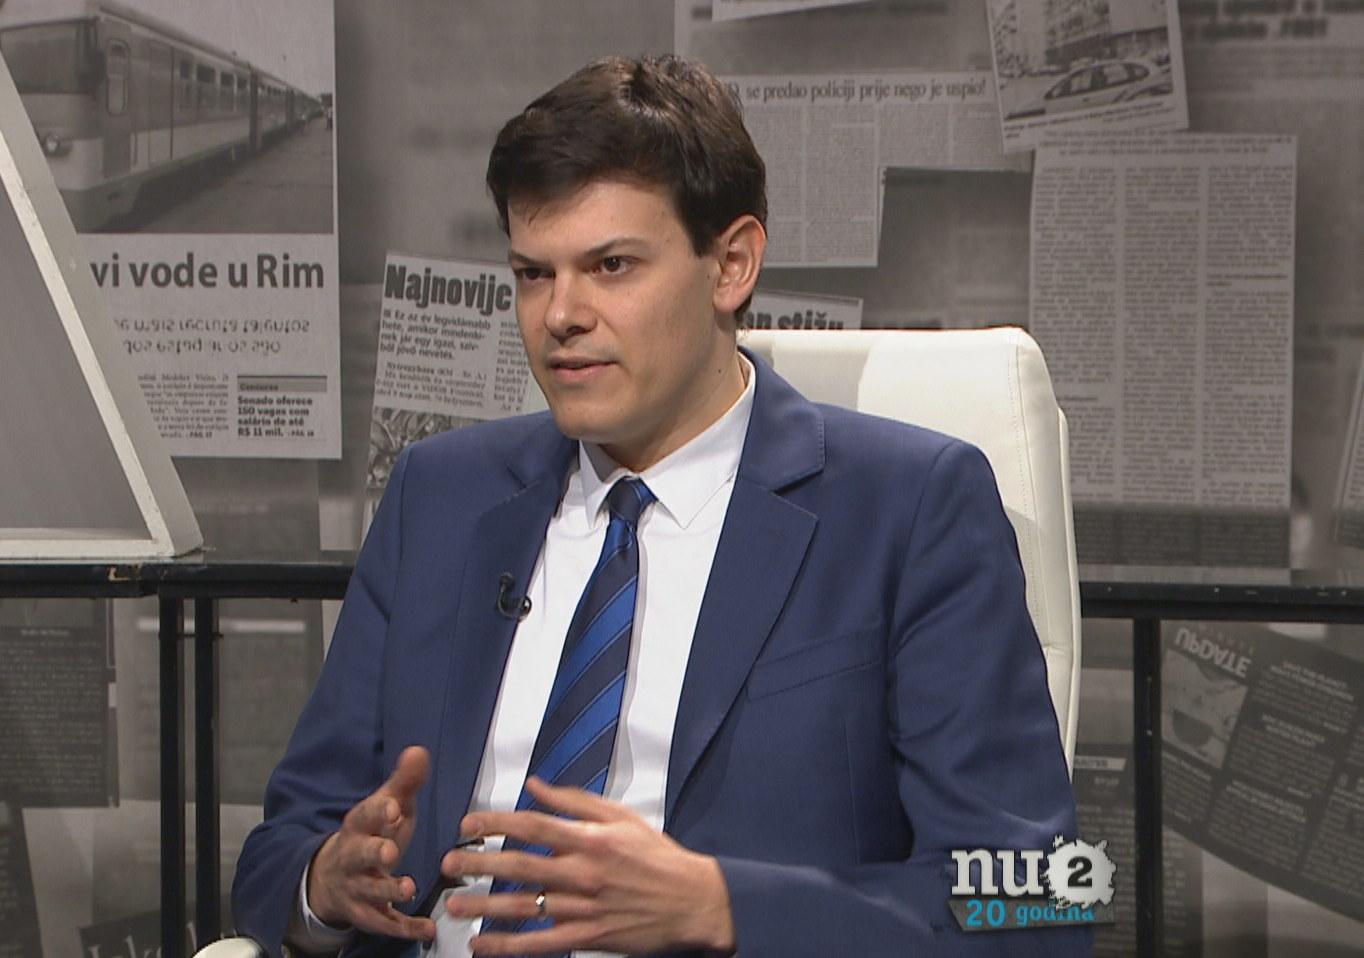 Vuk Vuković gost u emisiji Nedeljom u 2: transparentnost kao oblik ekonomskih mjera